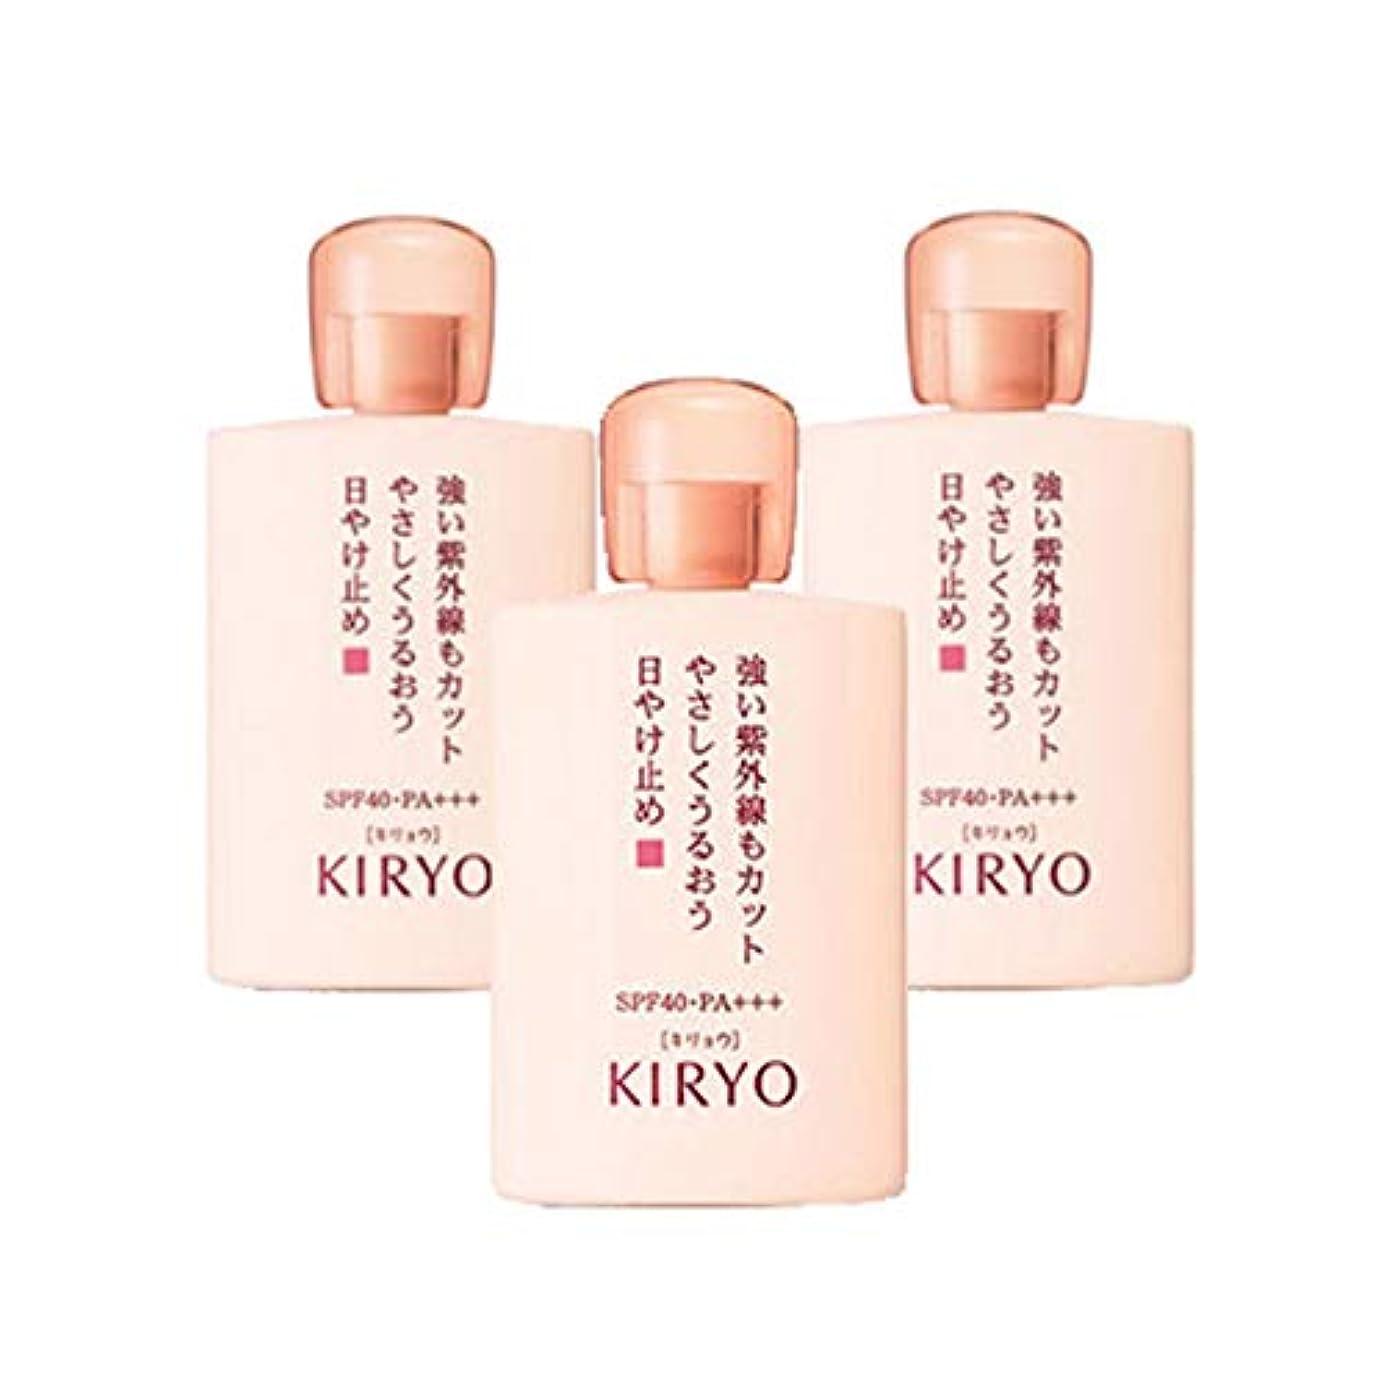 法律クスコクリエイティブ【資生堂】KIRYO キリョウ サンブロック UV SPF40 PA+++ 50mL× 3個セット【International shipping available】